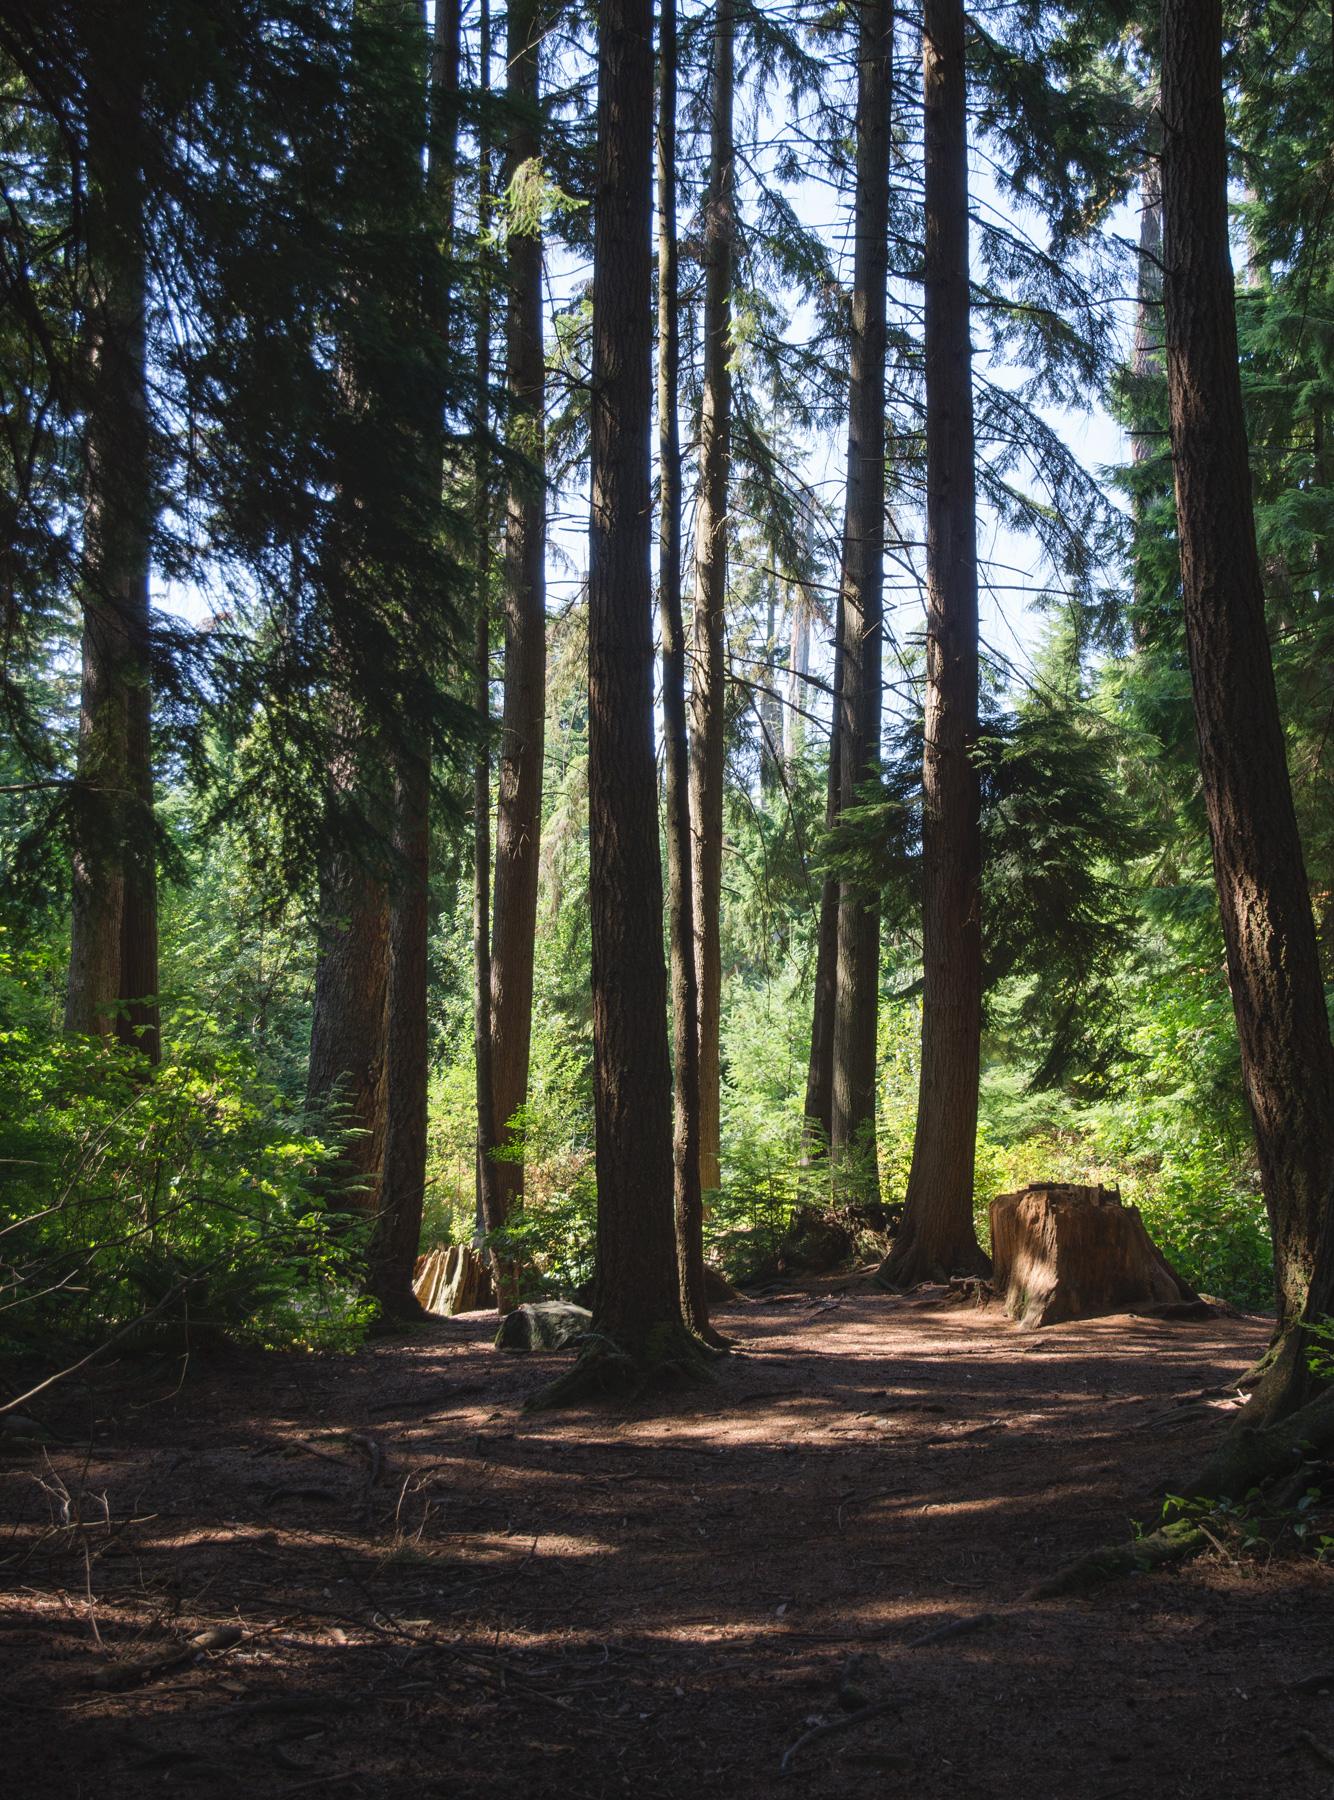 Sunlight in dark forest